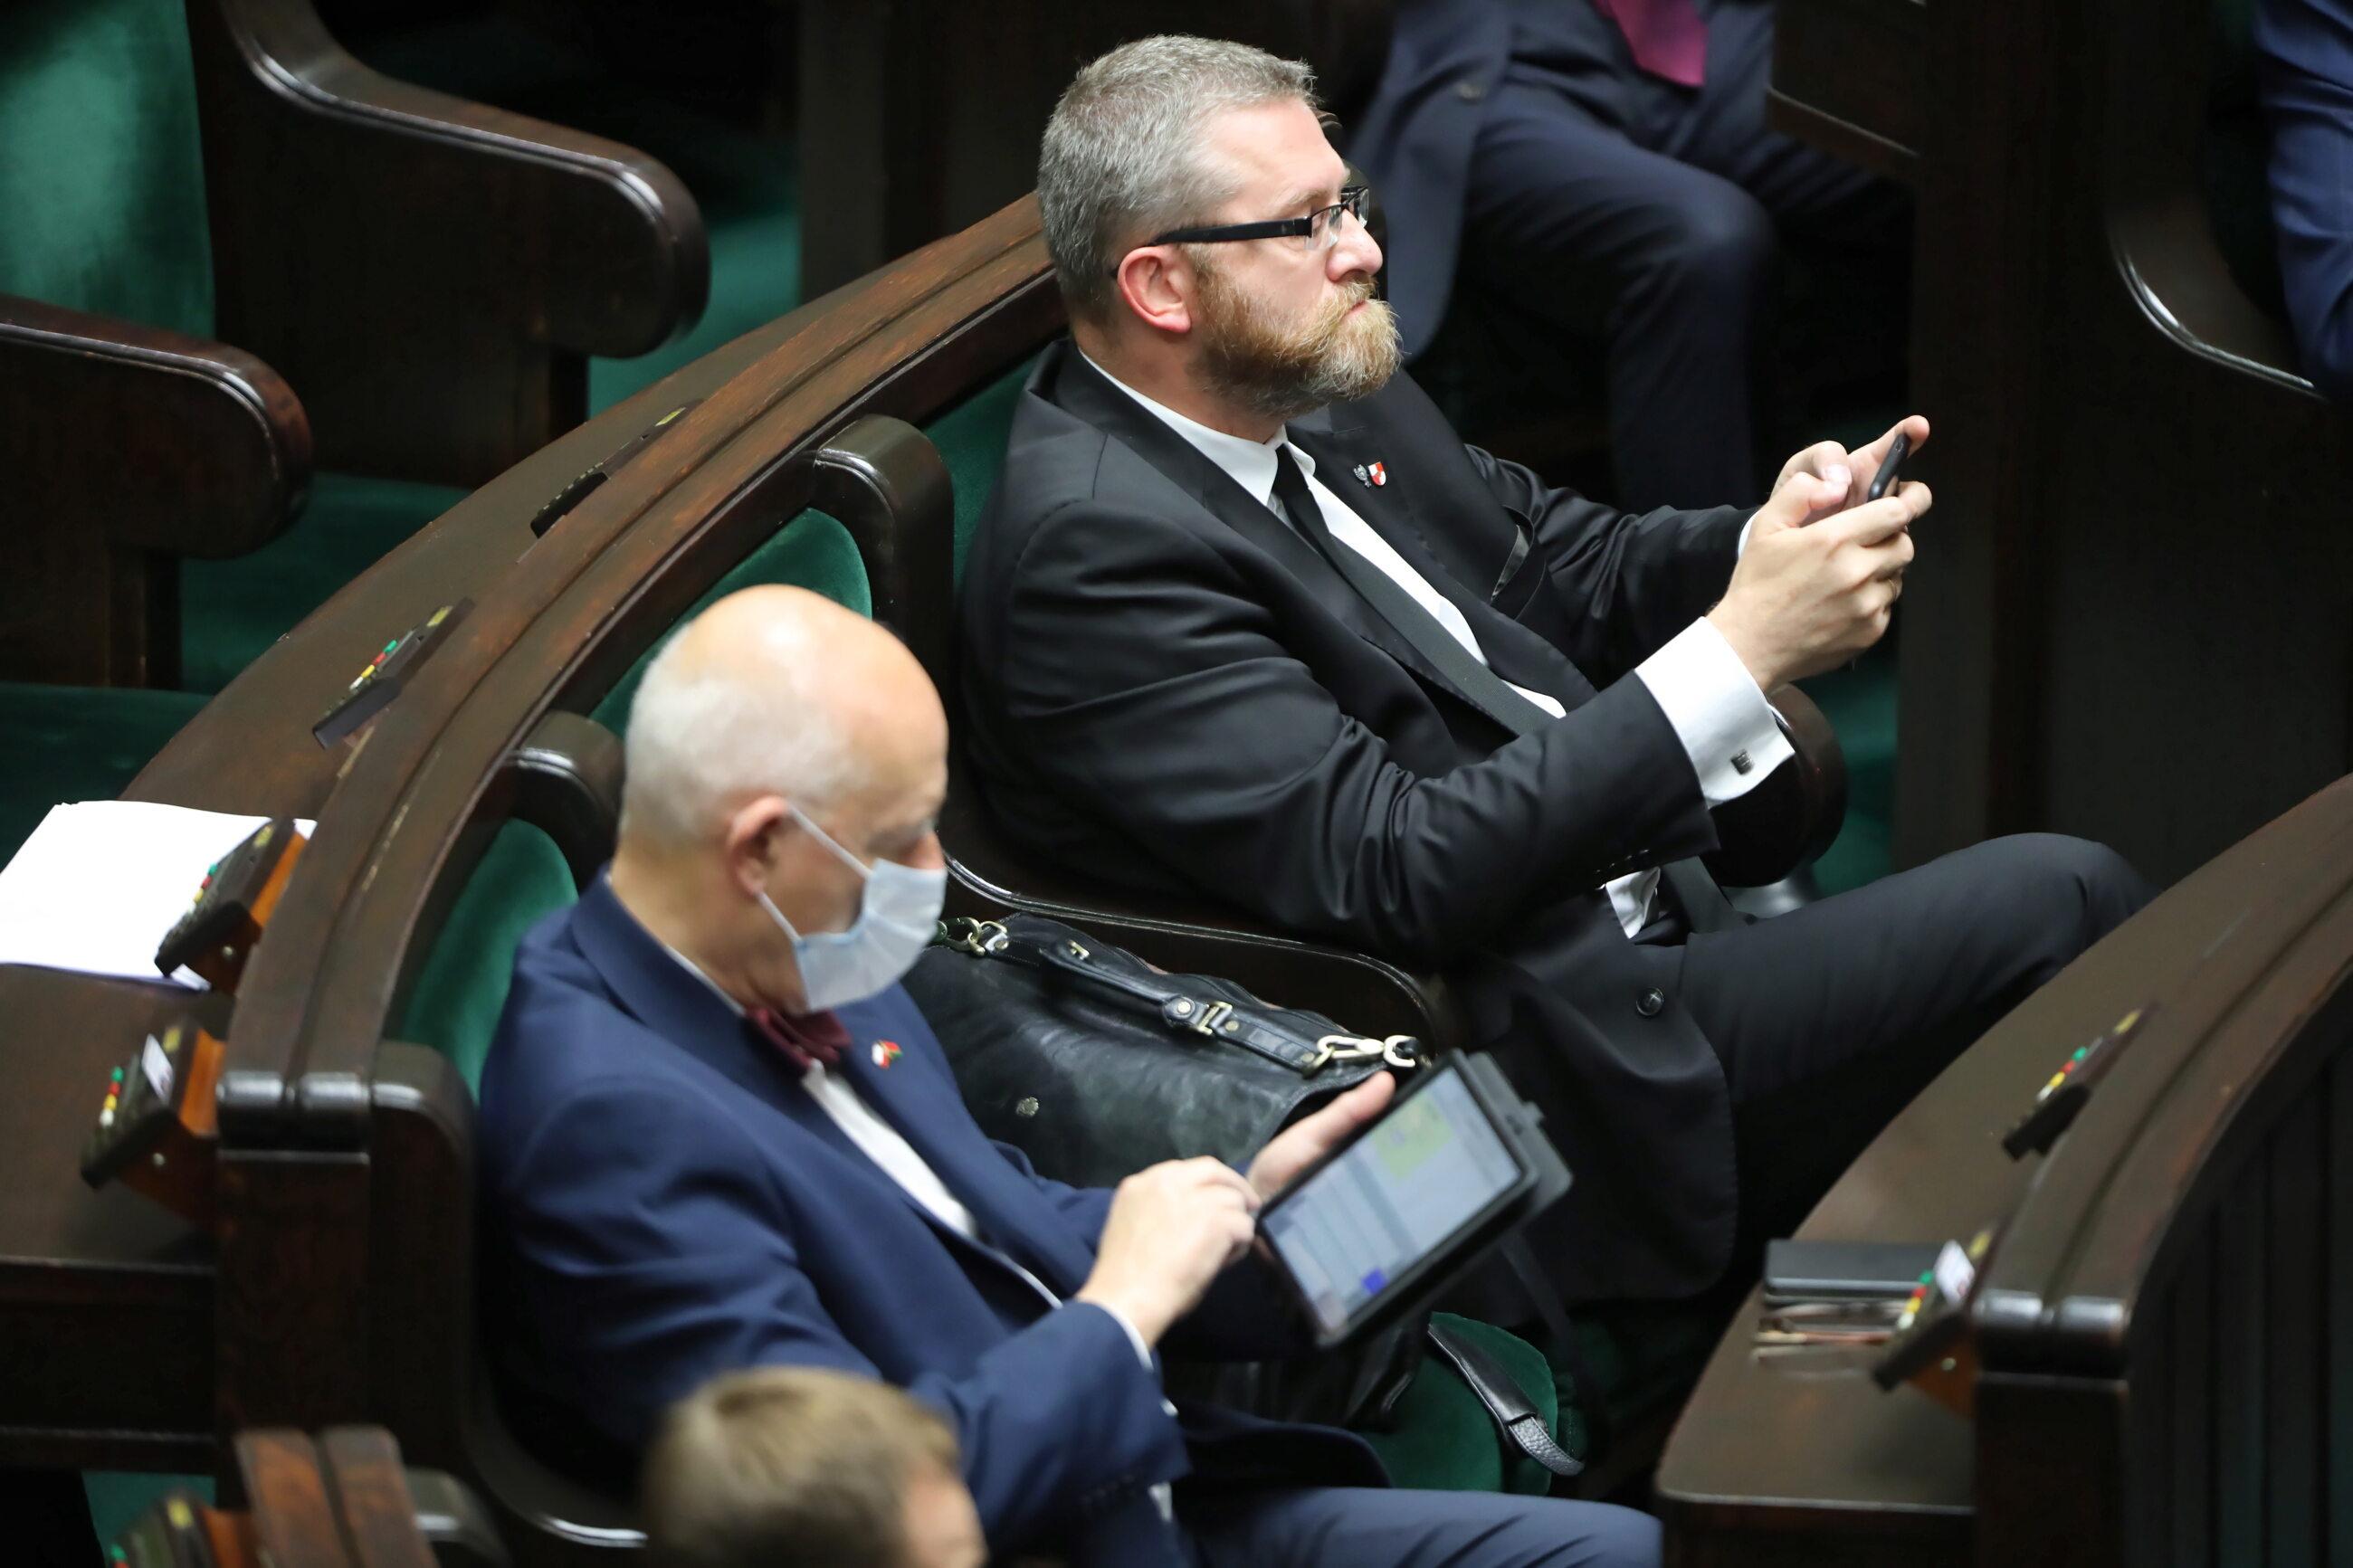 Posłowie Konfederacji Grzegorz Braun (P) i Janusz Korwin-Mikke (L) na sali obrad podczas 18. posiedzenia Sejmu.